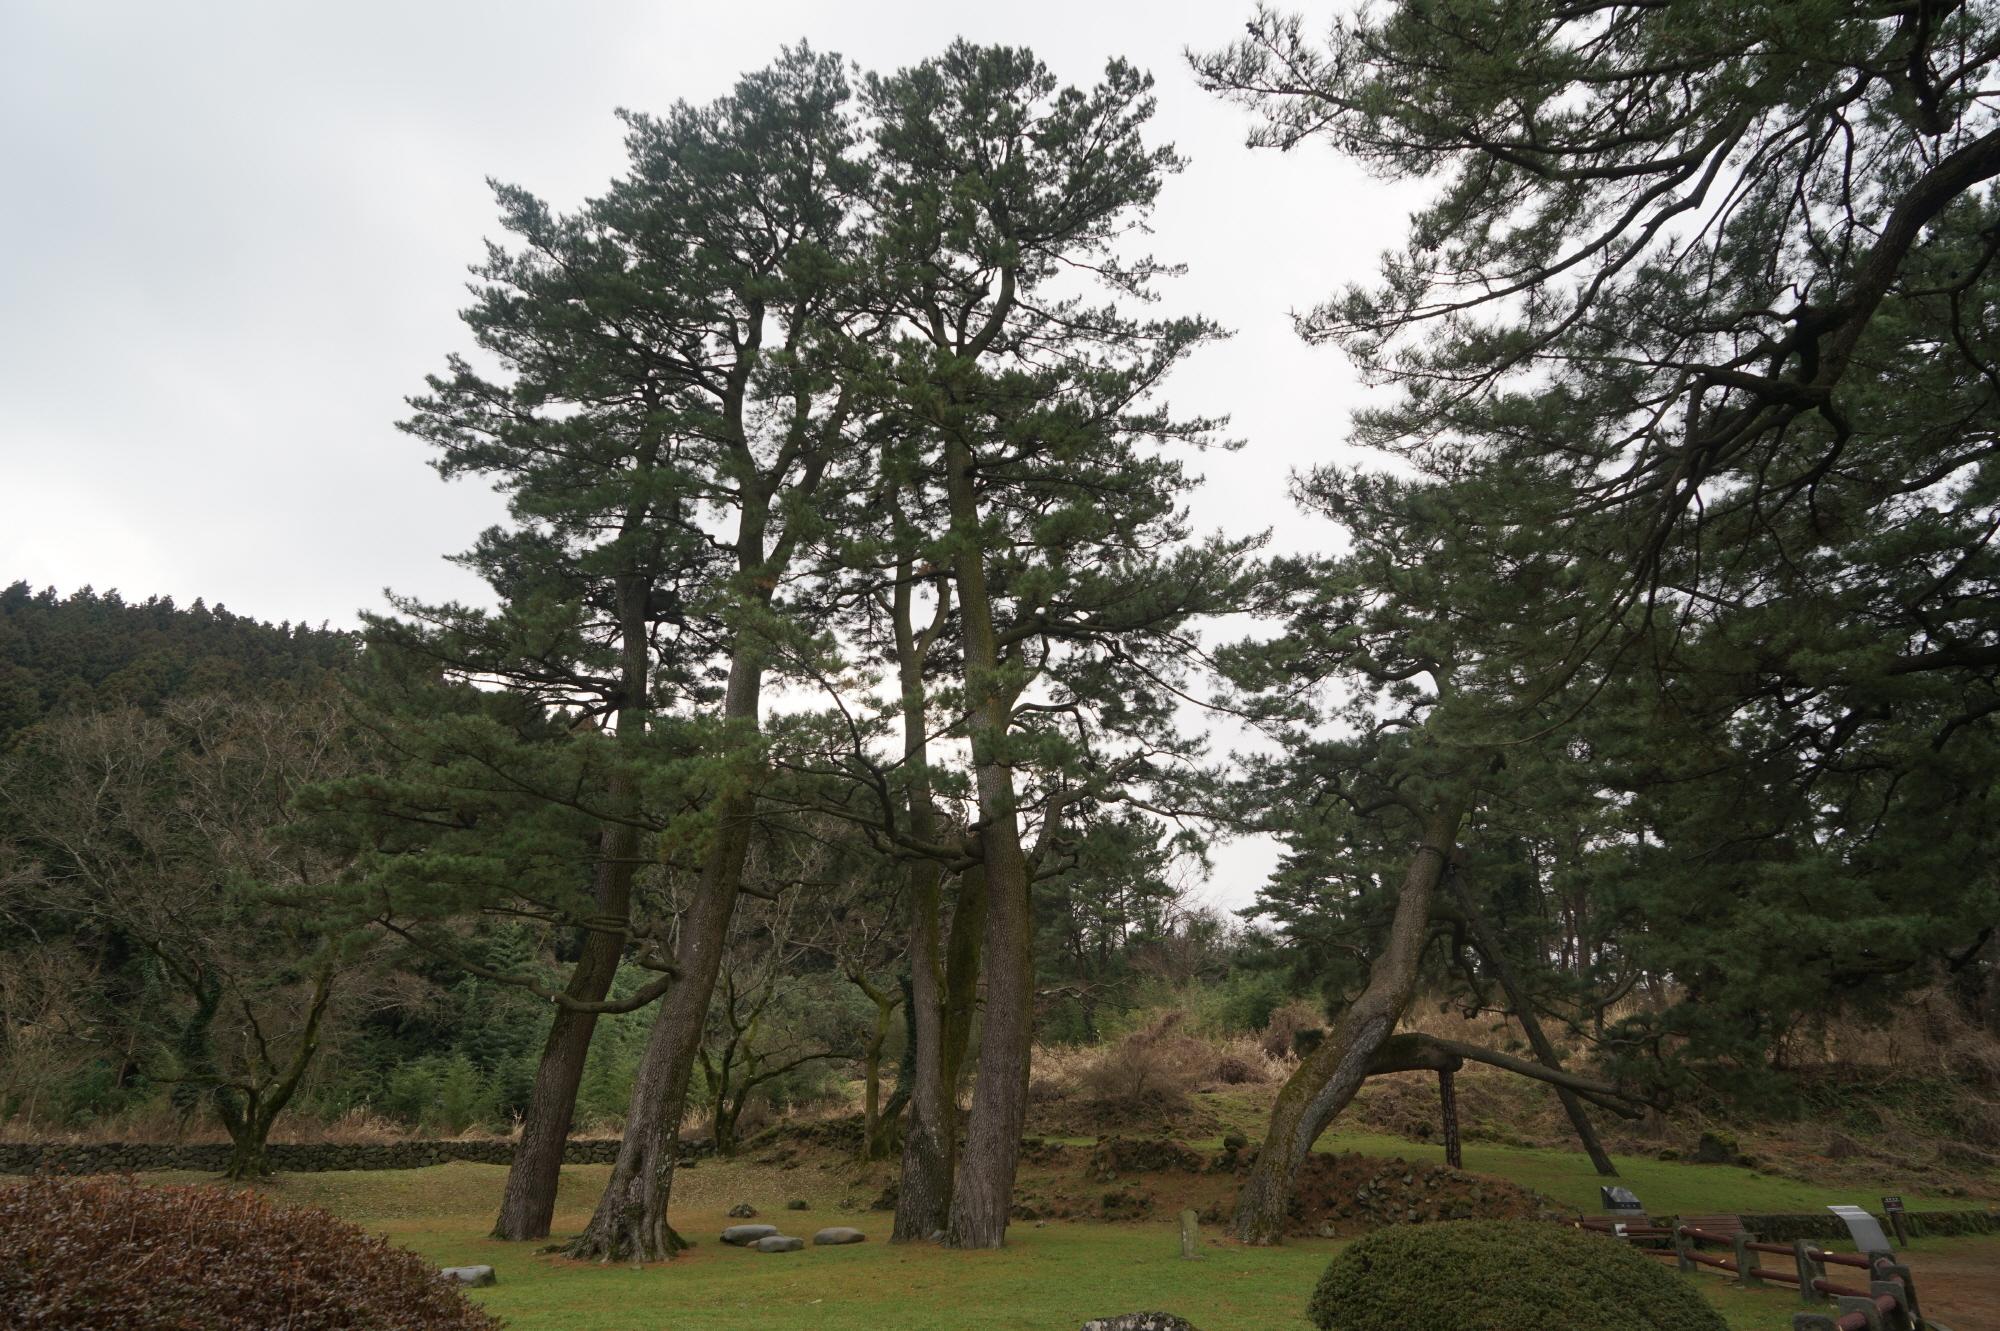 마을 역사 간직한 천연기념물 노거수, 보존·복제 나선다 이미지1